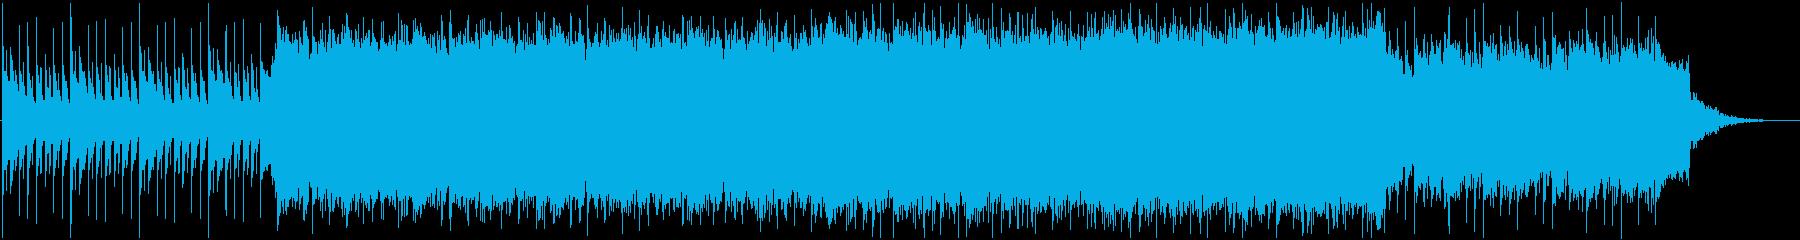 ハリウッド音楽/映画/荘厳なオーケストラの再生済みの波形